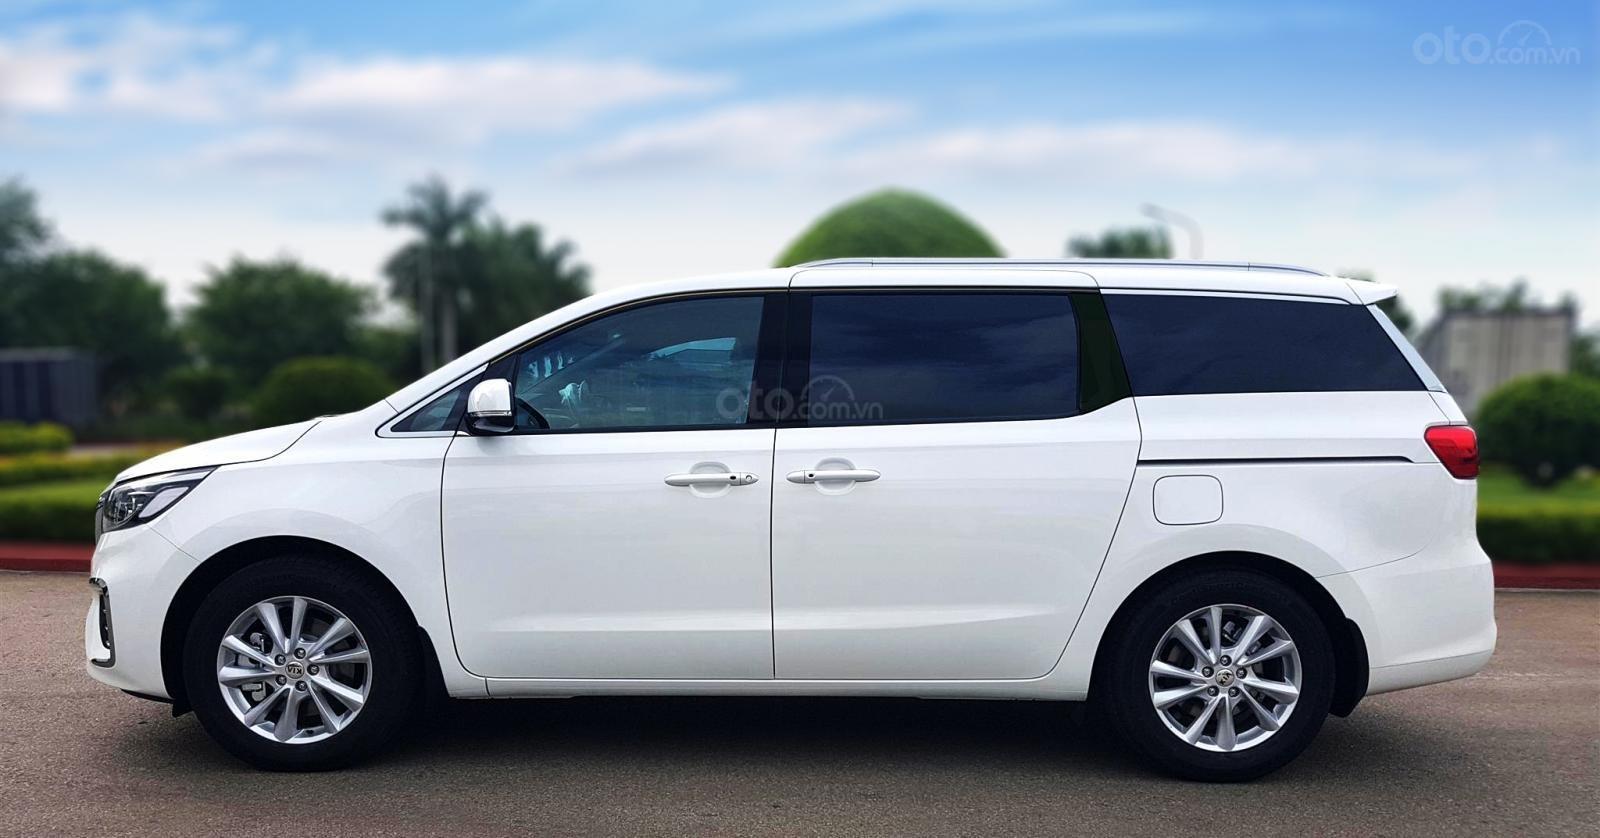 Bán Sedona 2019 - có xe giao tết, giảm ngay tiền mặt + quà tặng cuối năm - LH 0949 820 072-2